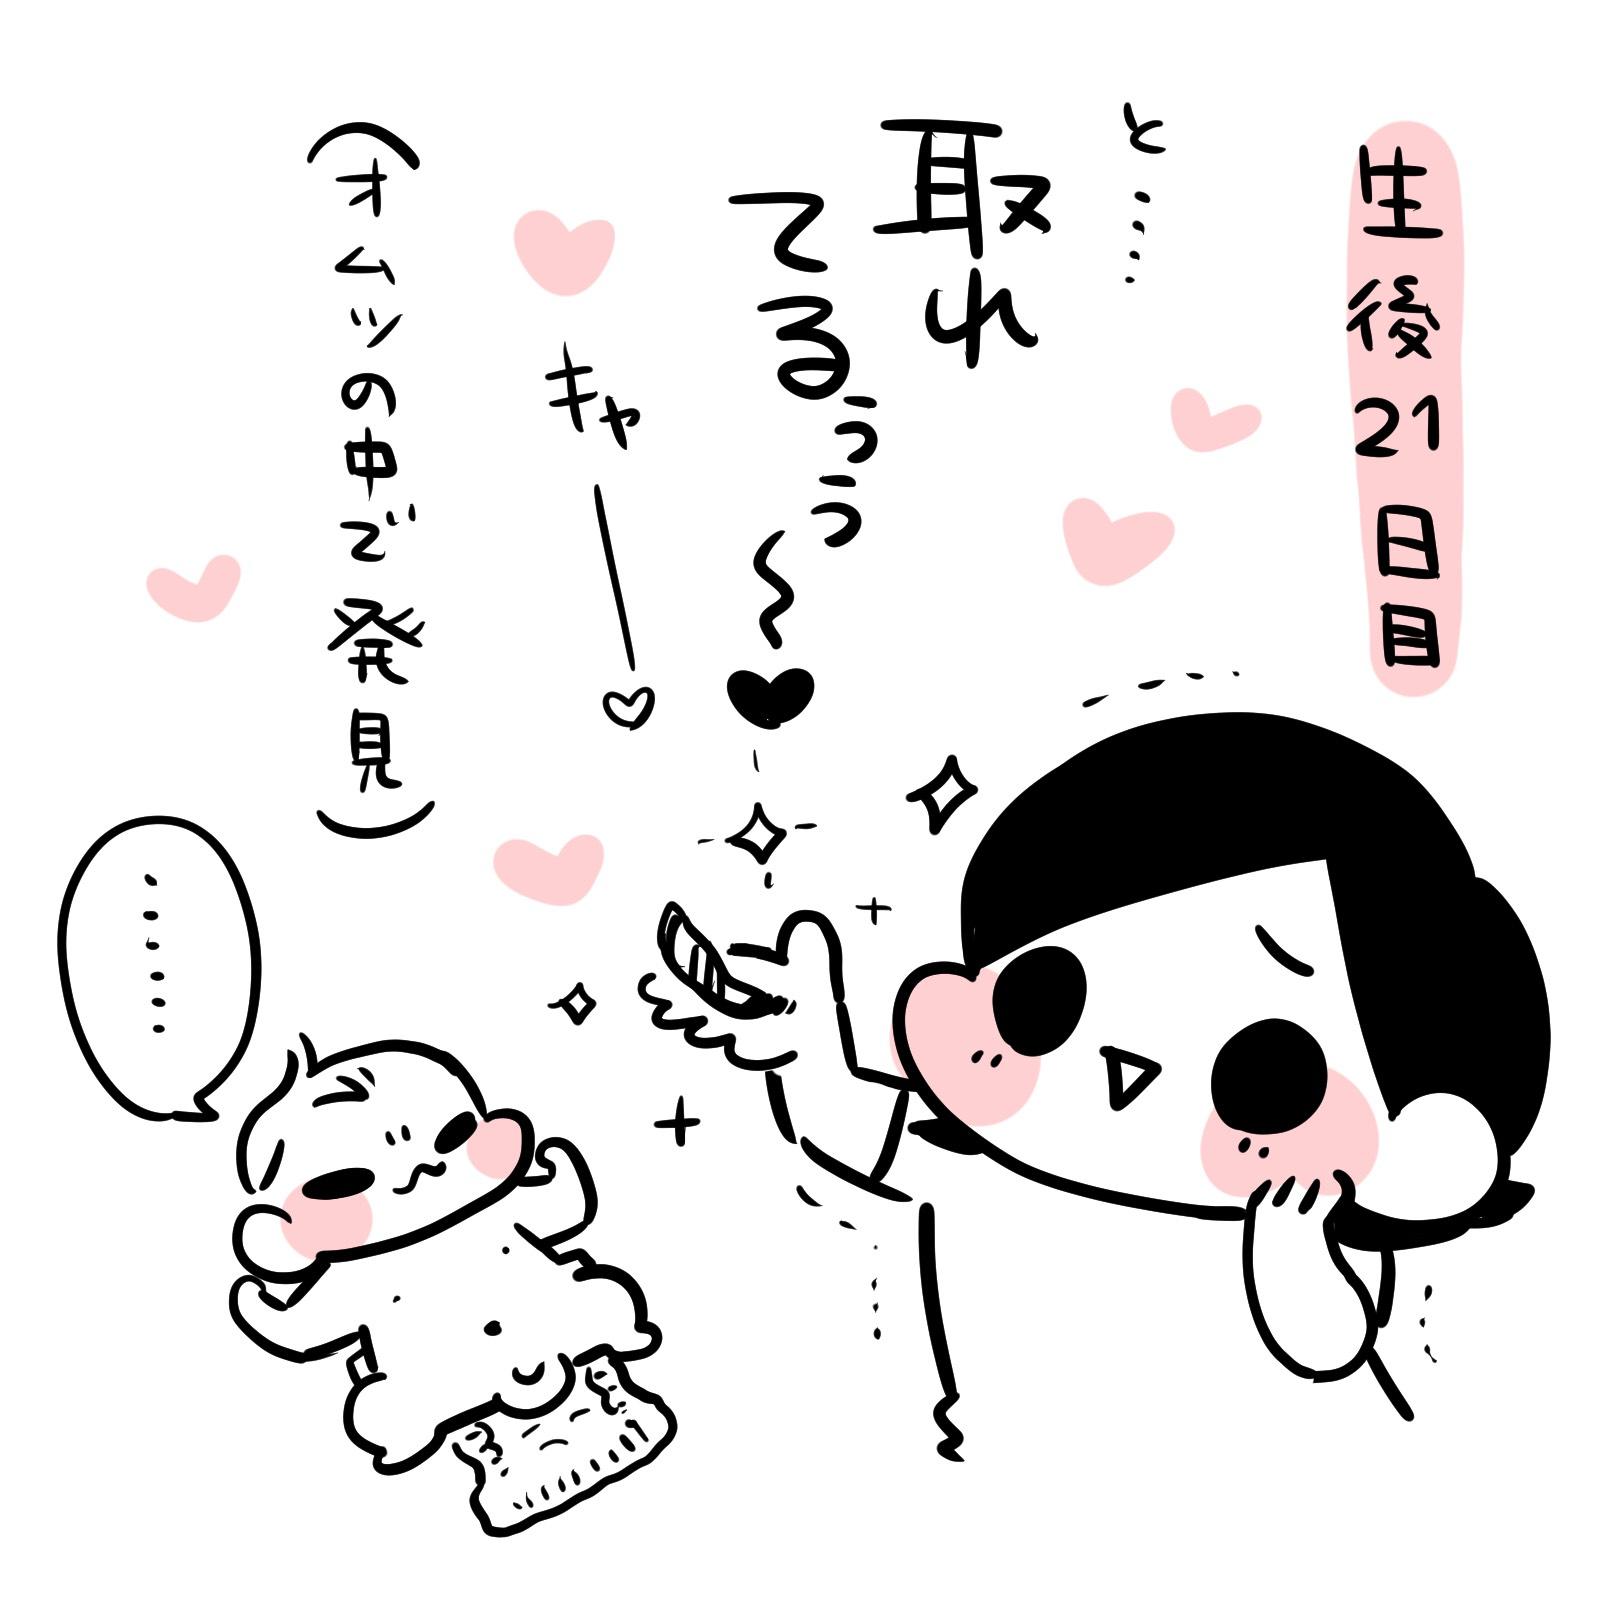 ムチムチ!プニプニ!ちびたろ!#2「肉芽って???(前編)」